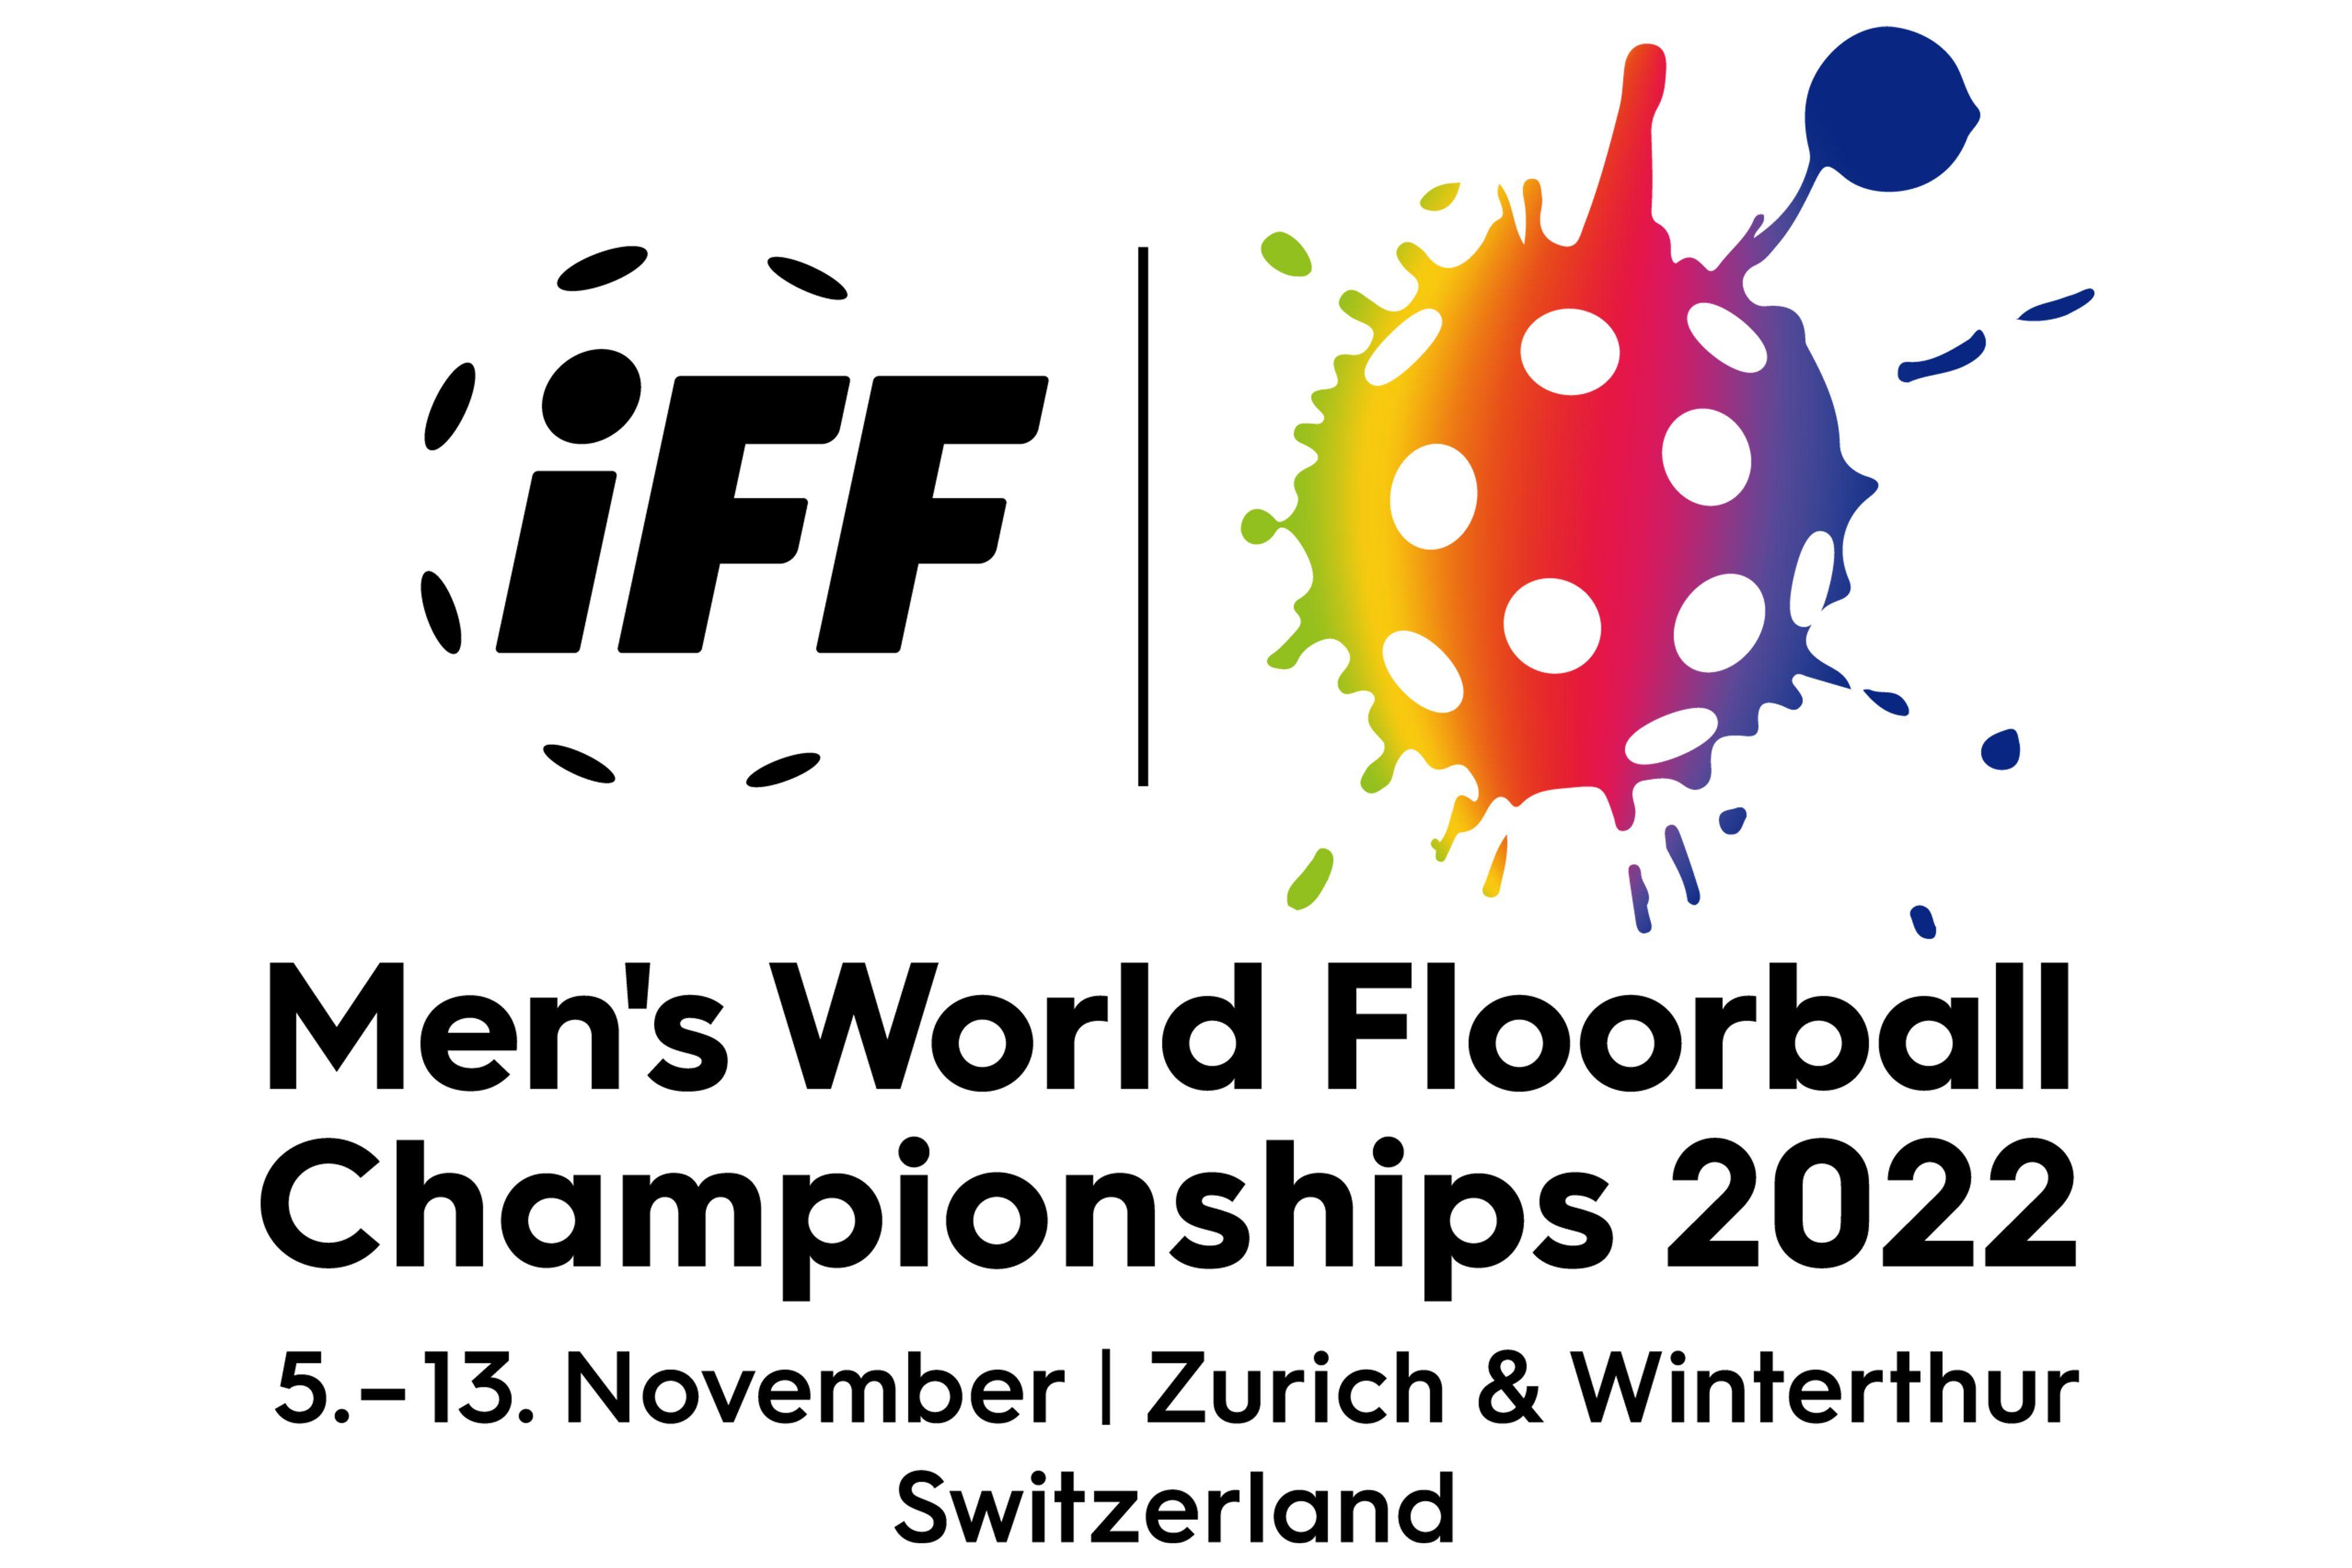 logo-wfc2022-mit-weissem-rand.jpg